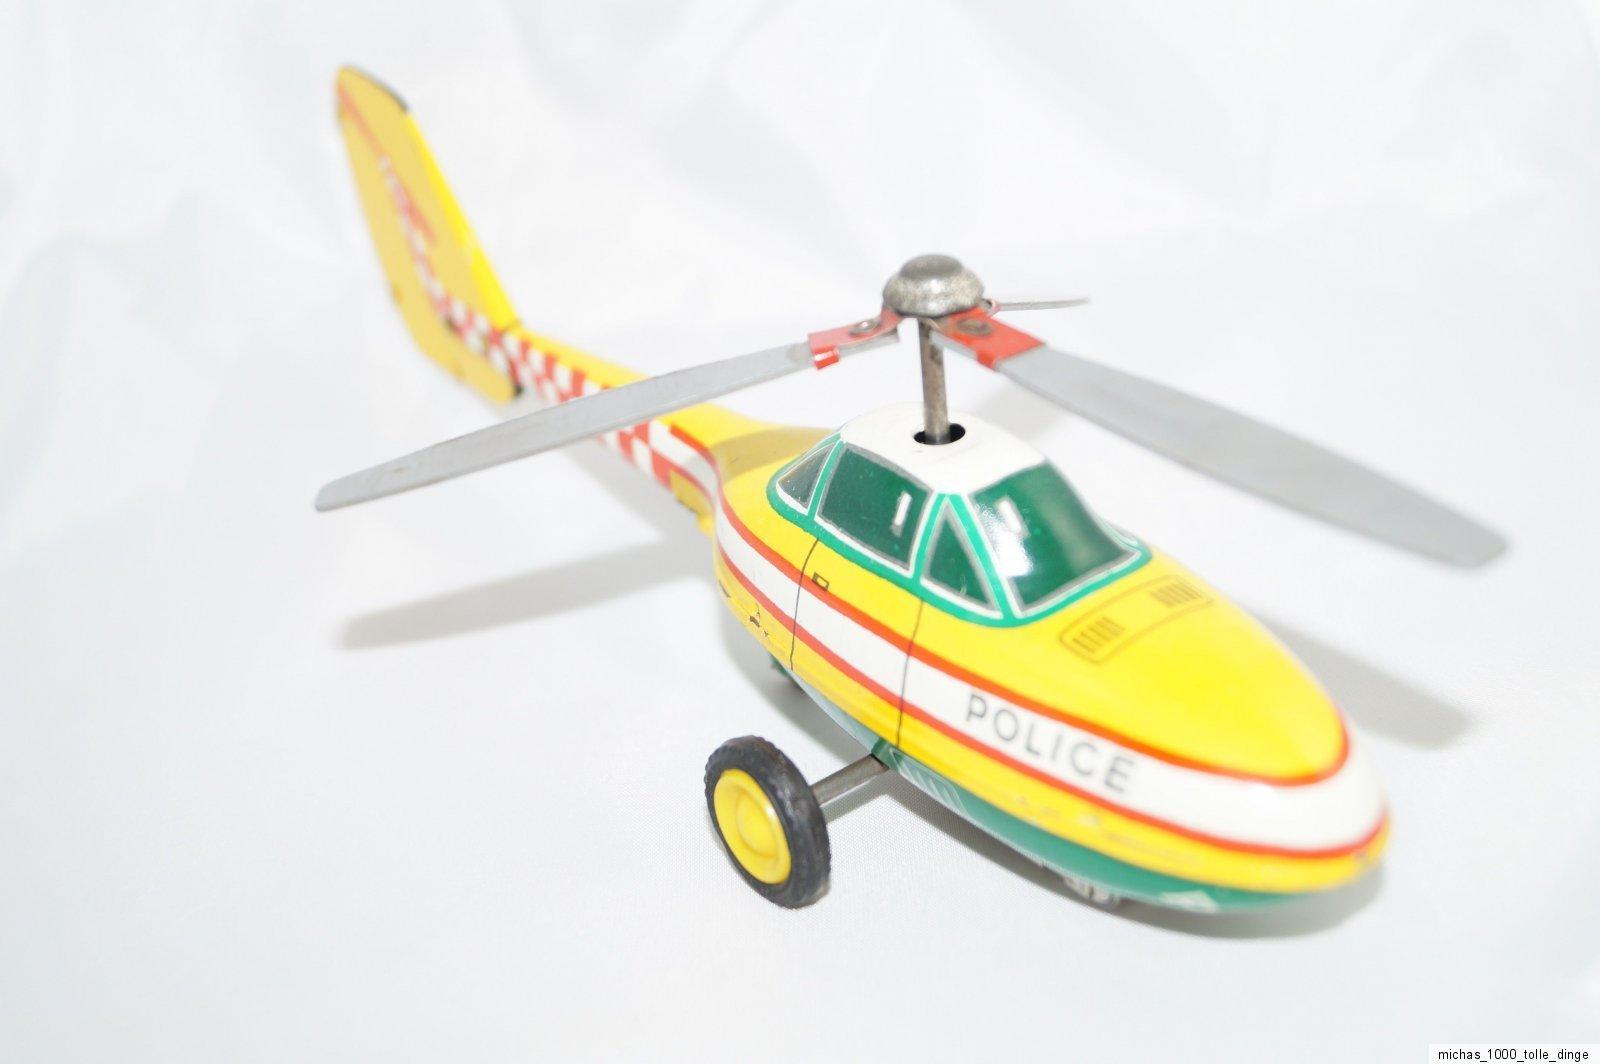 Spielzeug DDR & Ostalgie DDR Spielzeugmodell    Hubschrauber Fire Patrol  in OVP